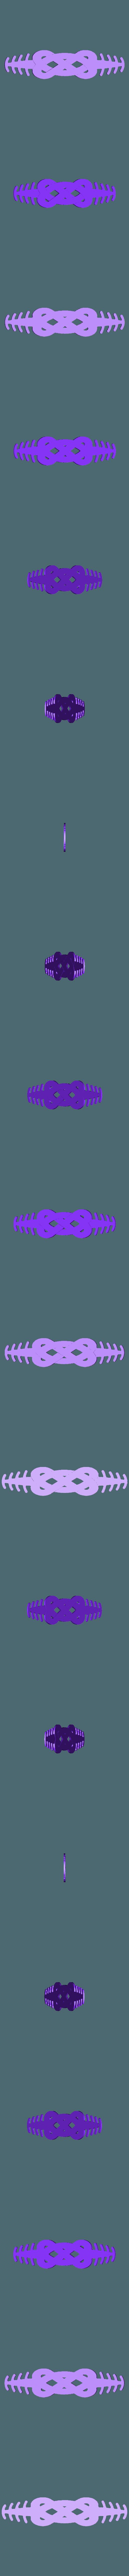 epingle-1.stl Download free STL file Mask pin • 3D print object, Breizh3d56